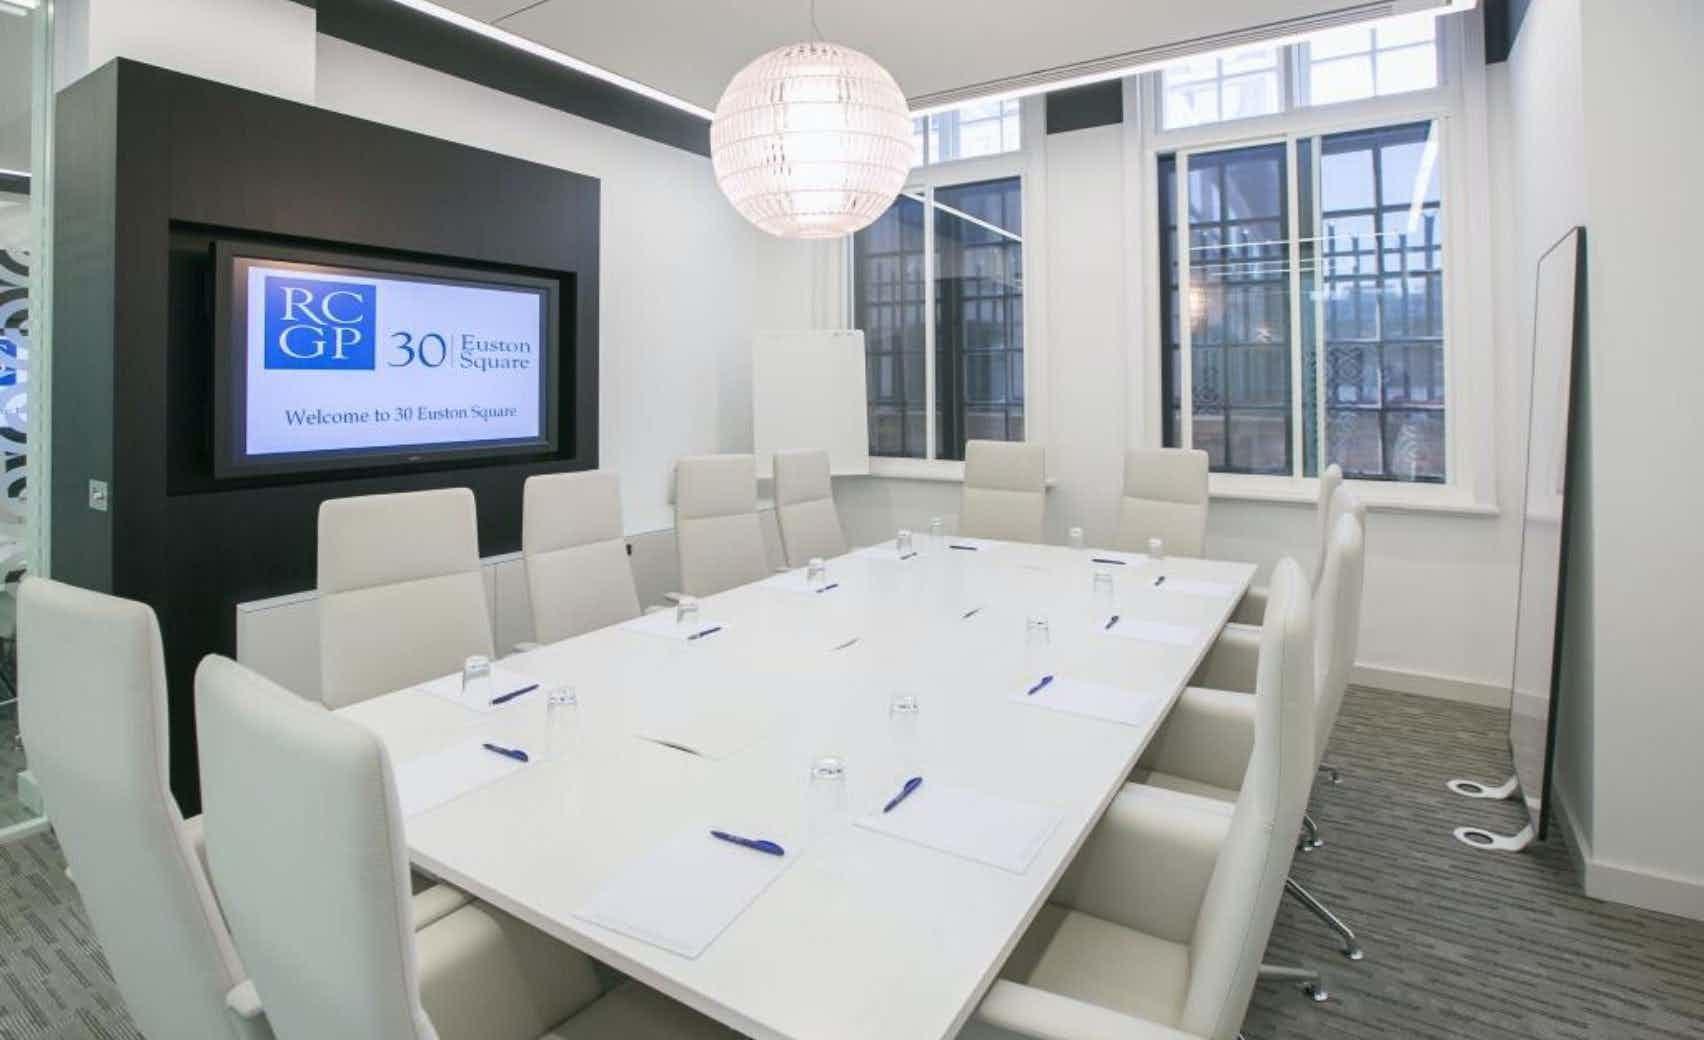 Ground Floor Meeting Room 16, 30 Euston Square